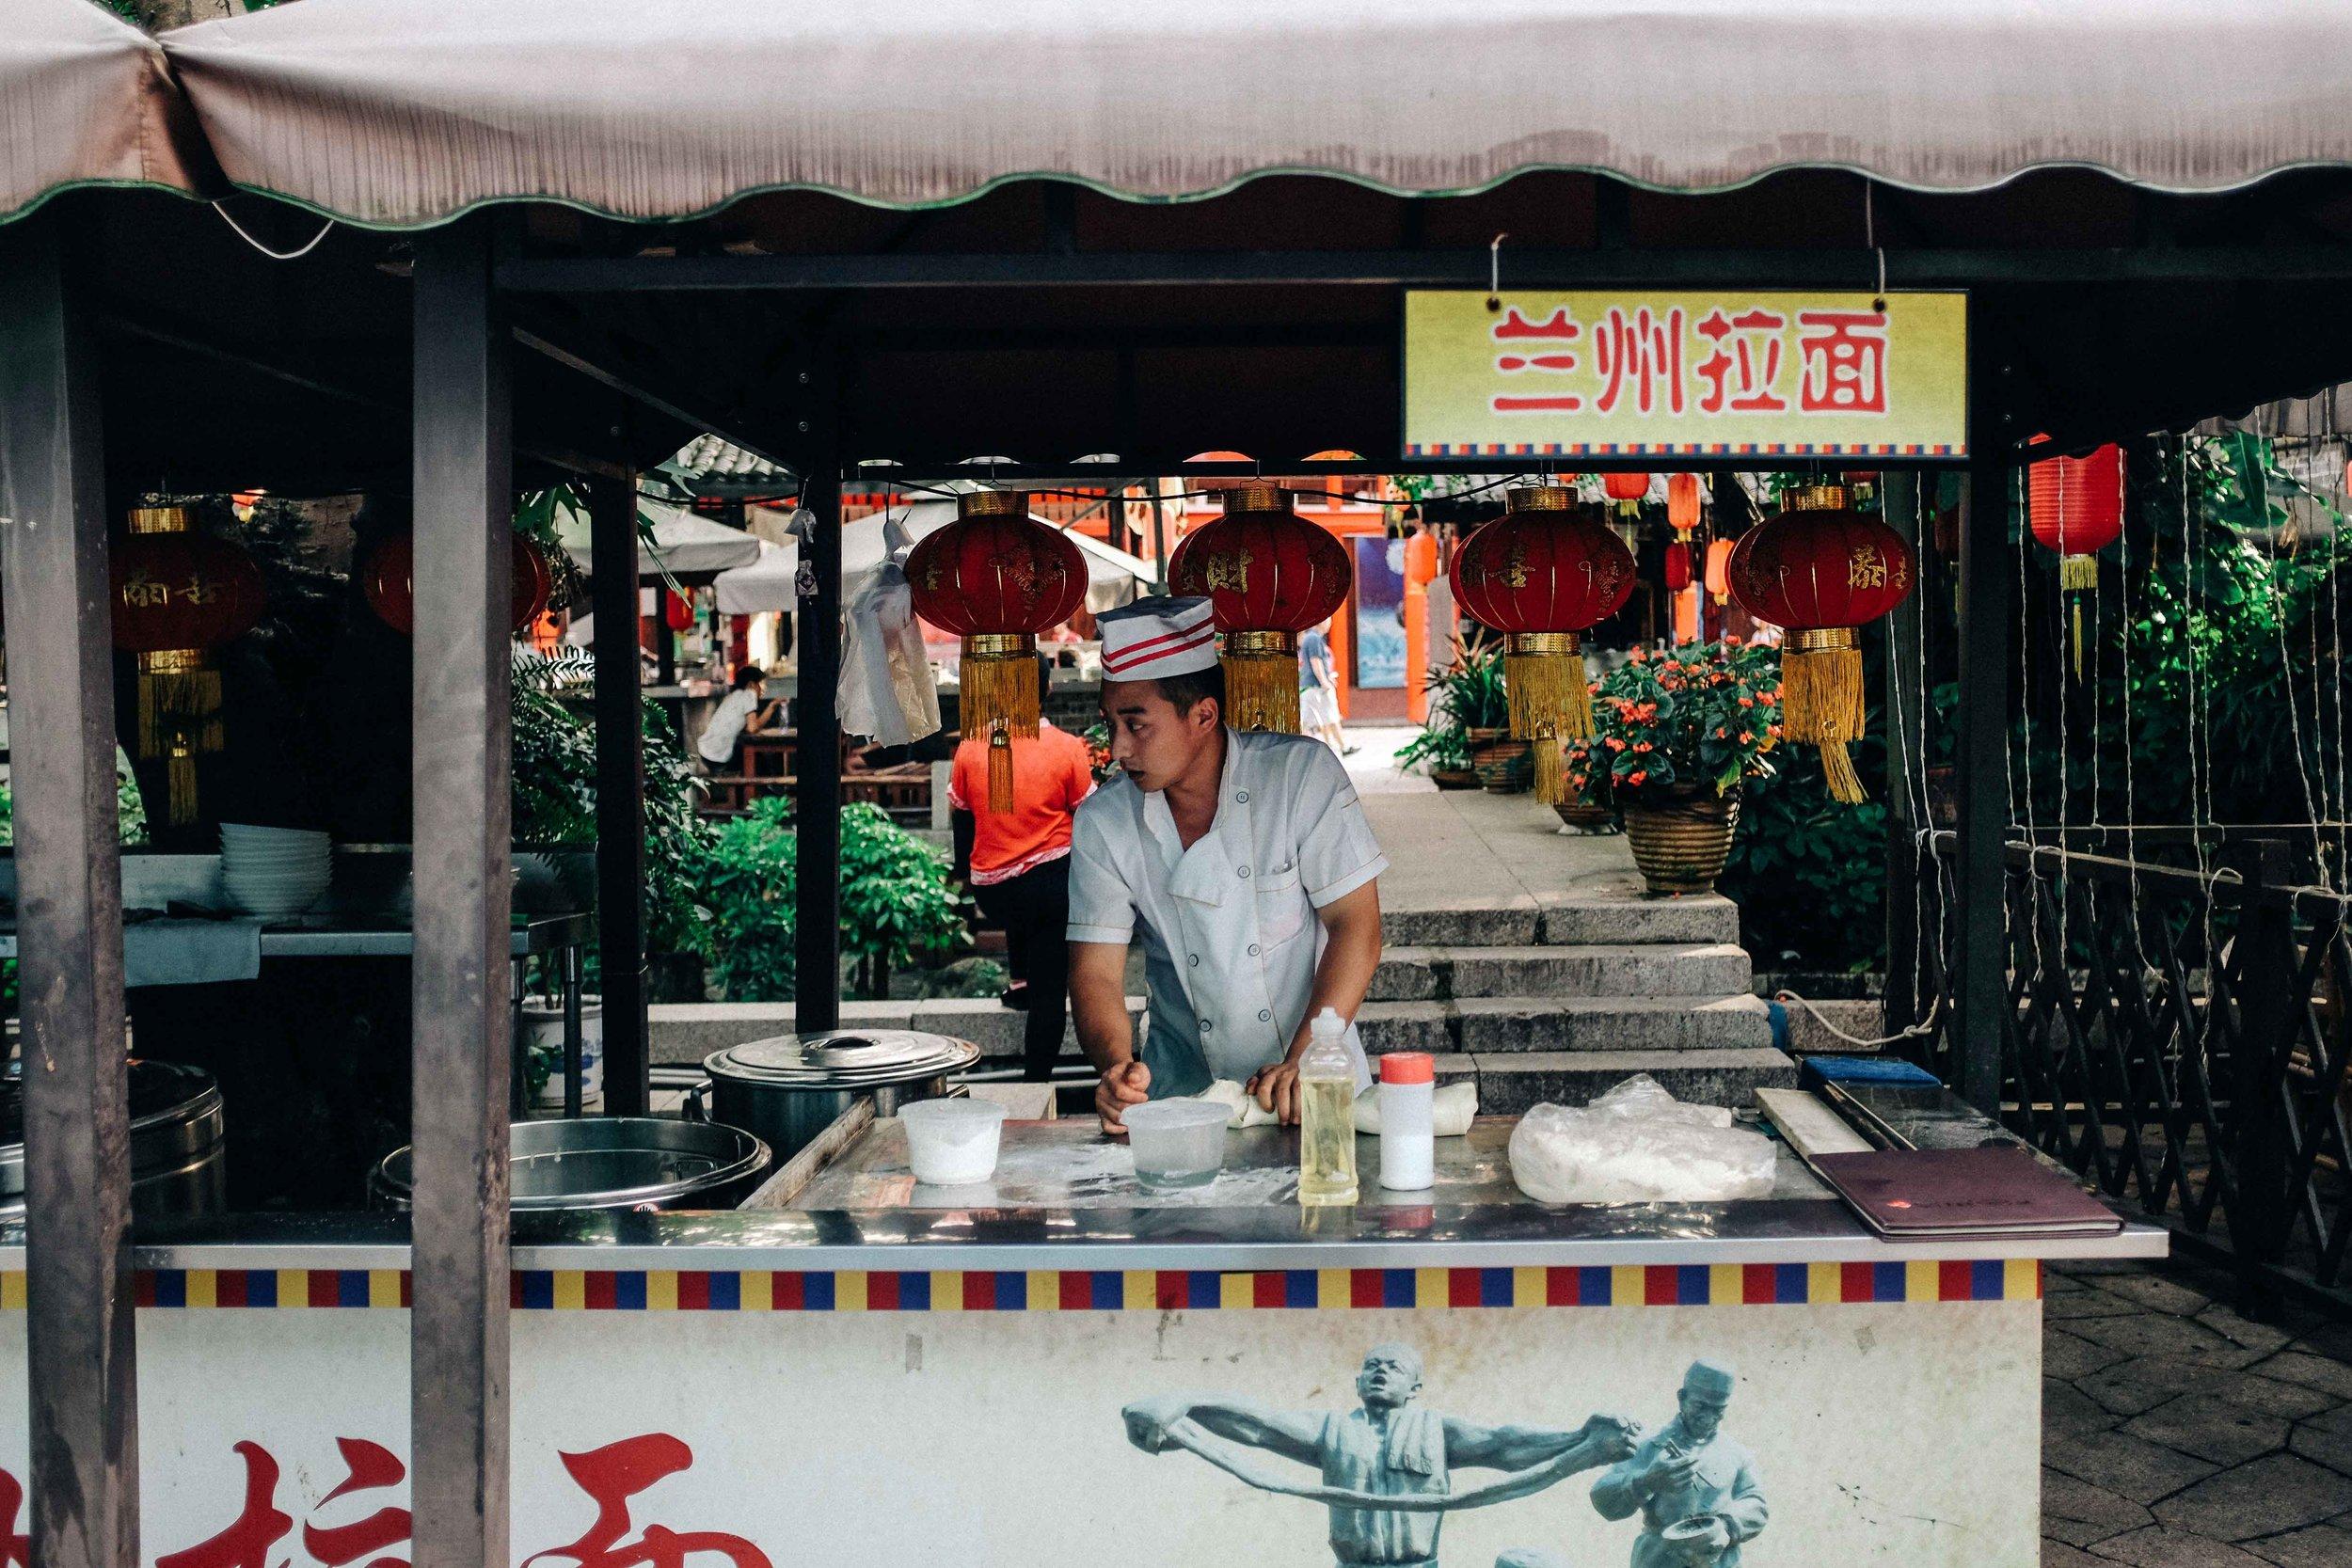 China_x100t_fujifilm_70.jpg